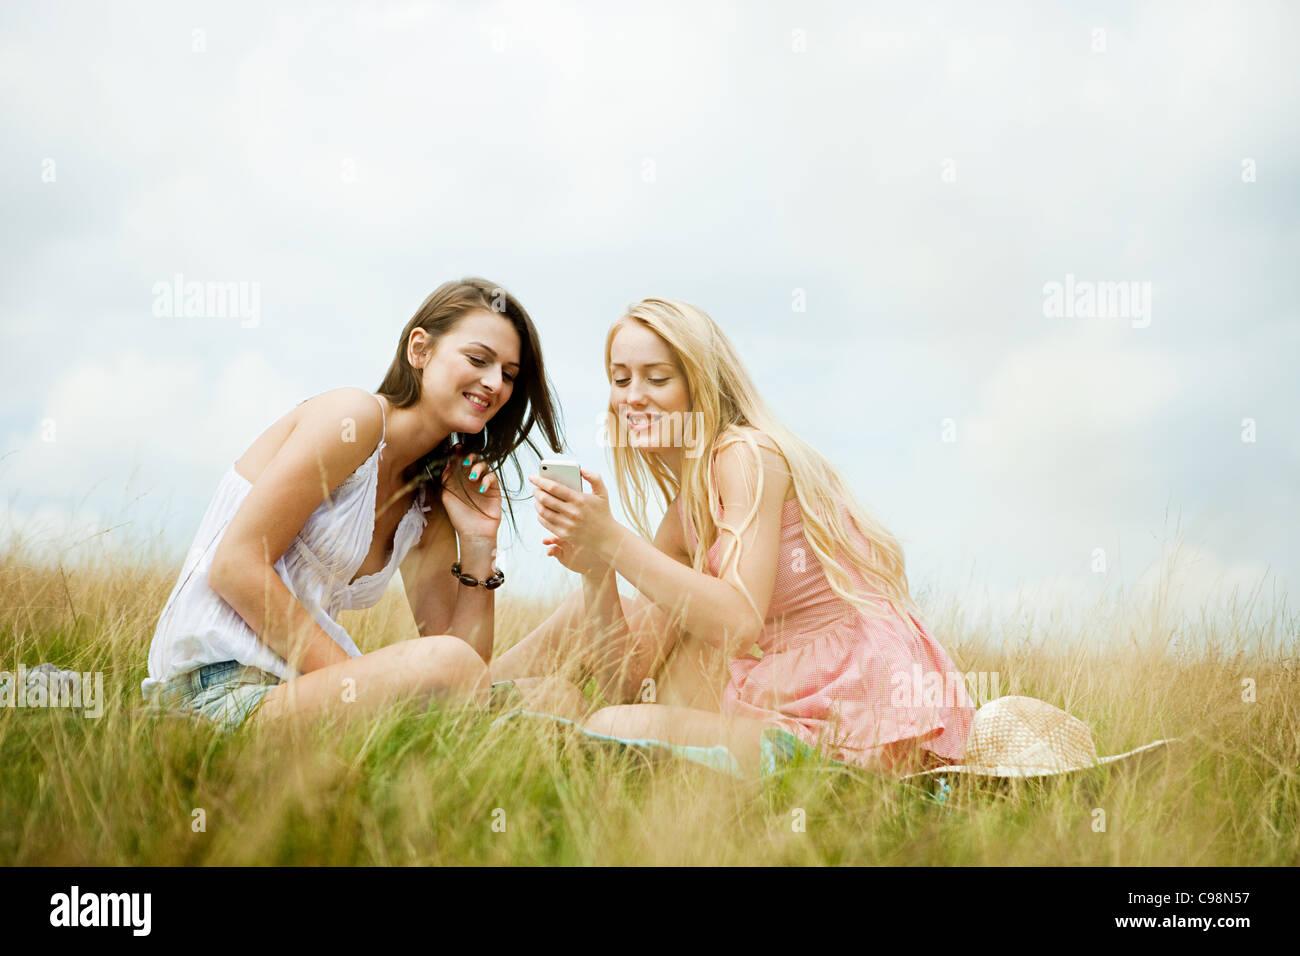 Junge Frauen suchen Handgerät gemeinsam Stockbild